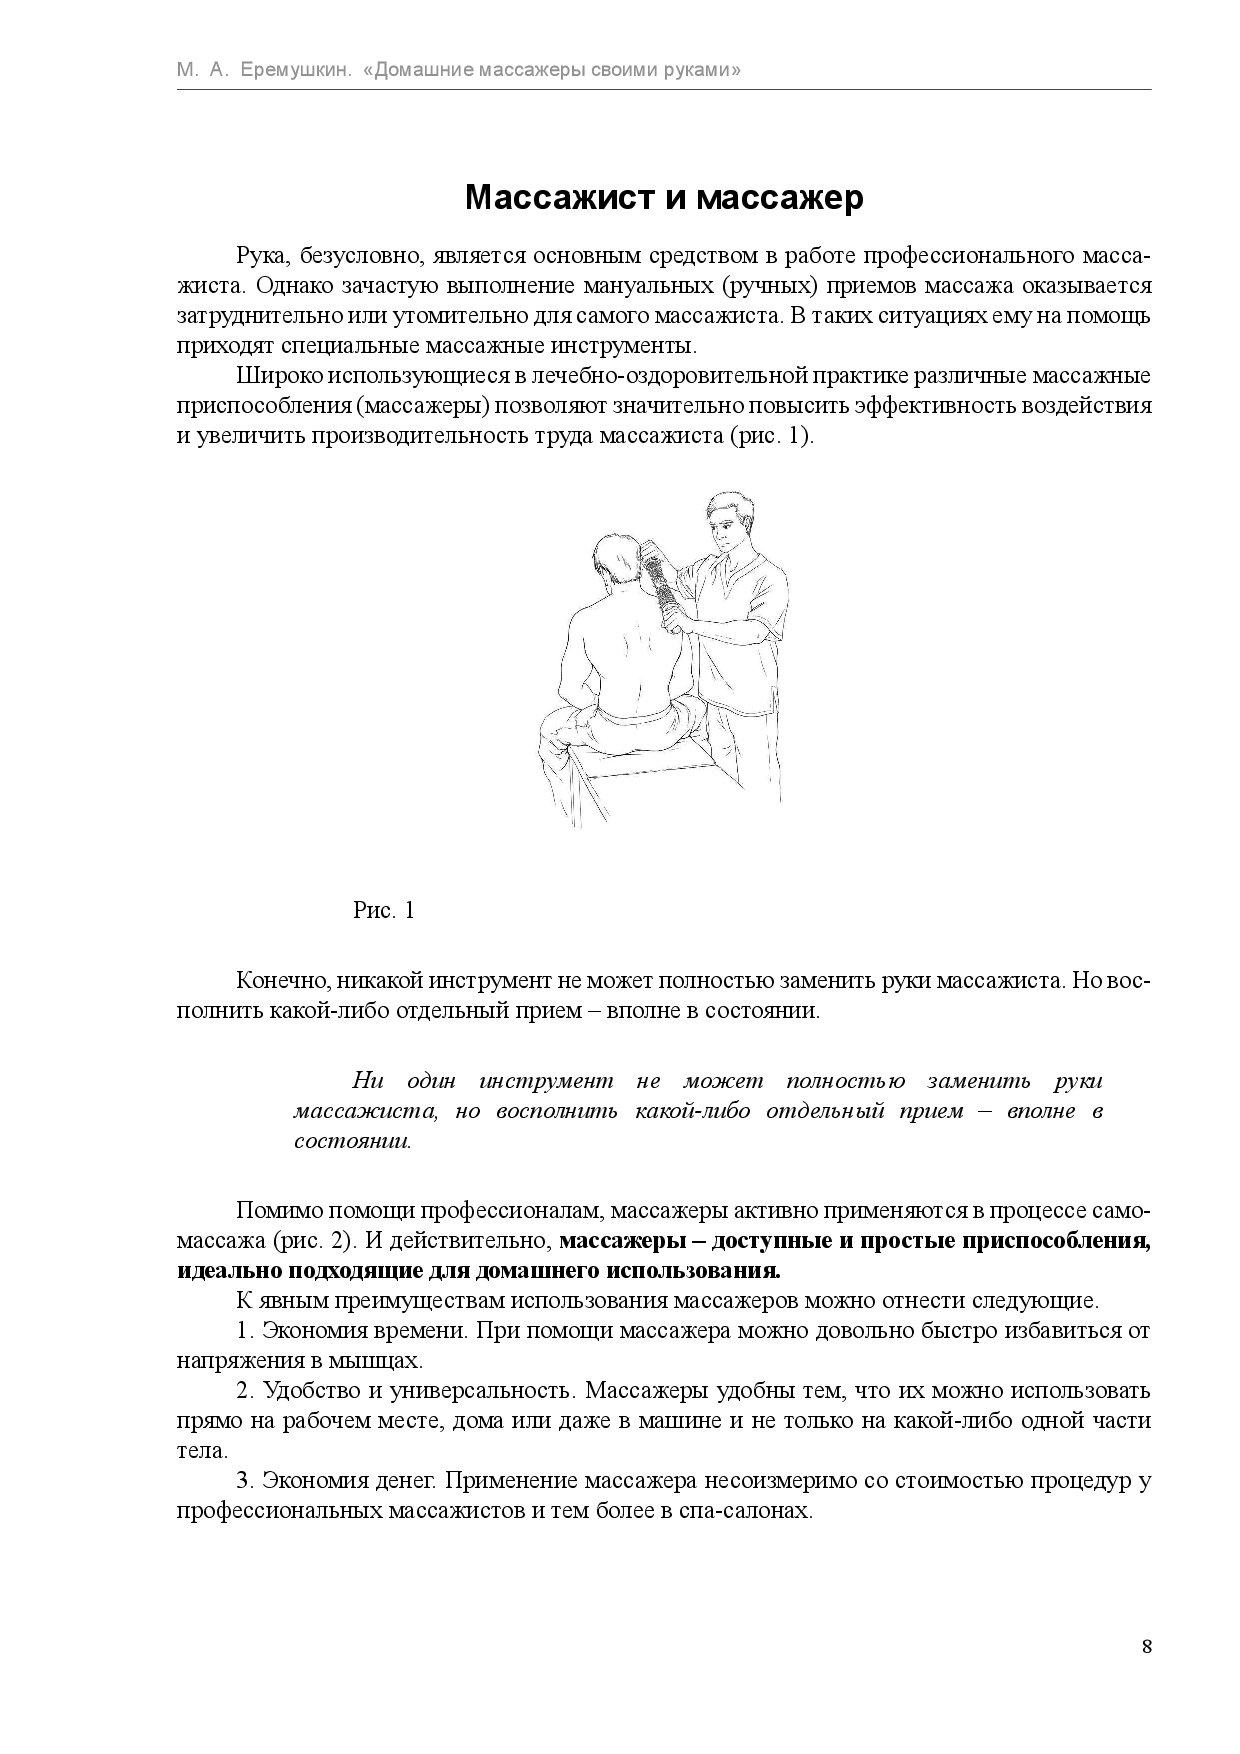 Домашние массажеры своими руками михаил анатольевич еремушкин 42